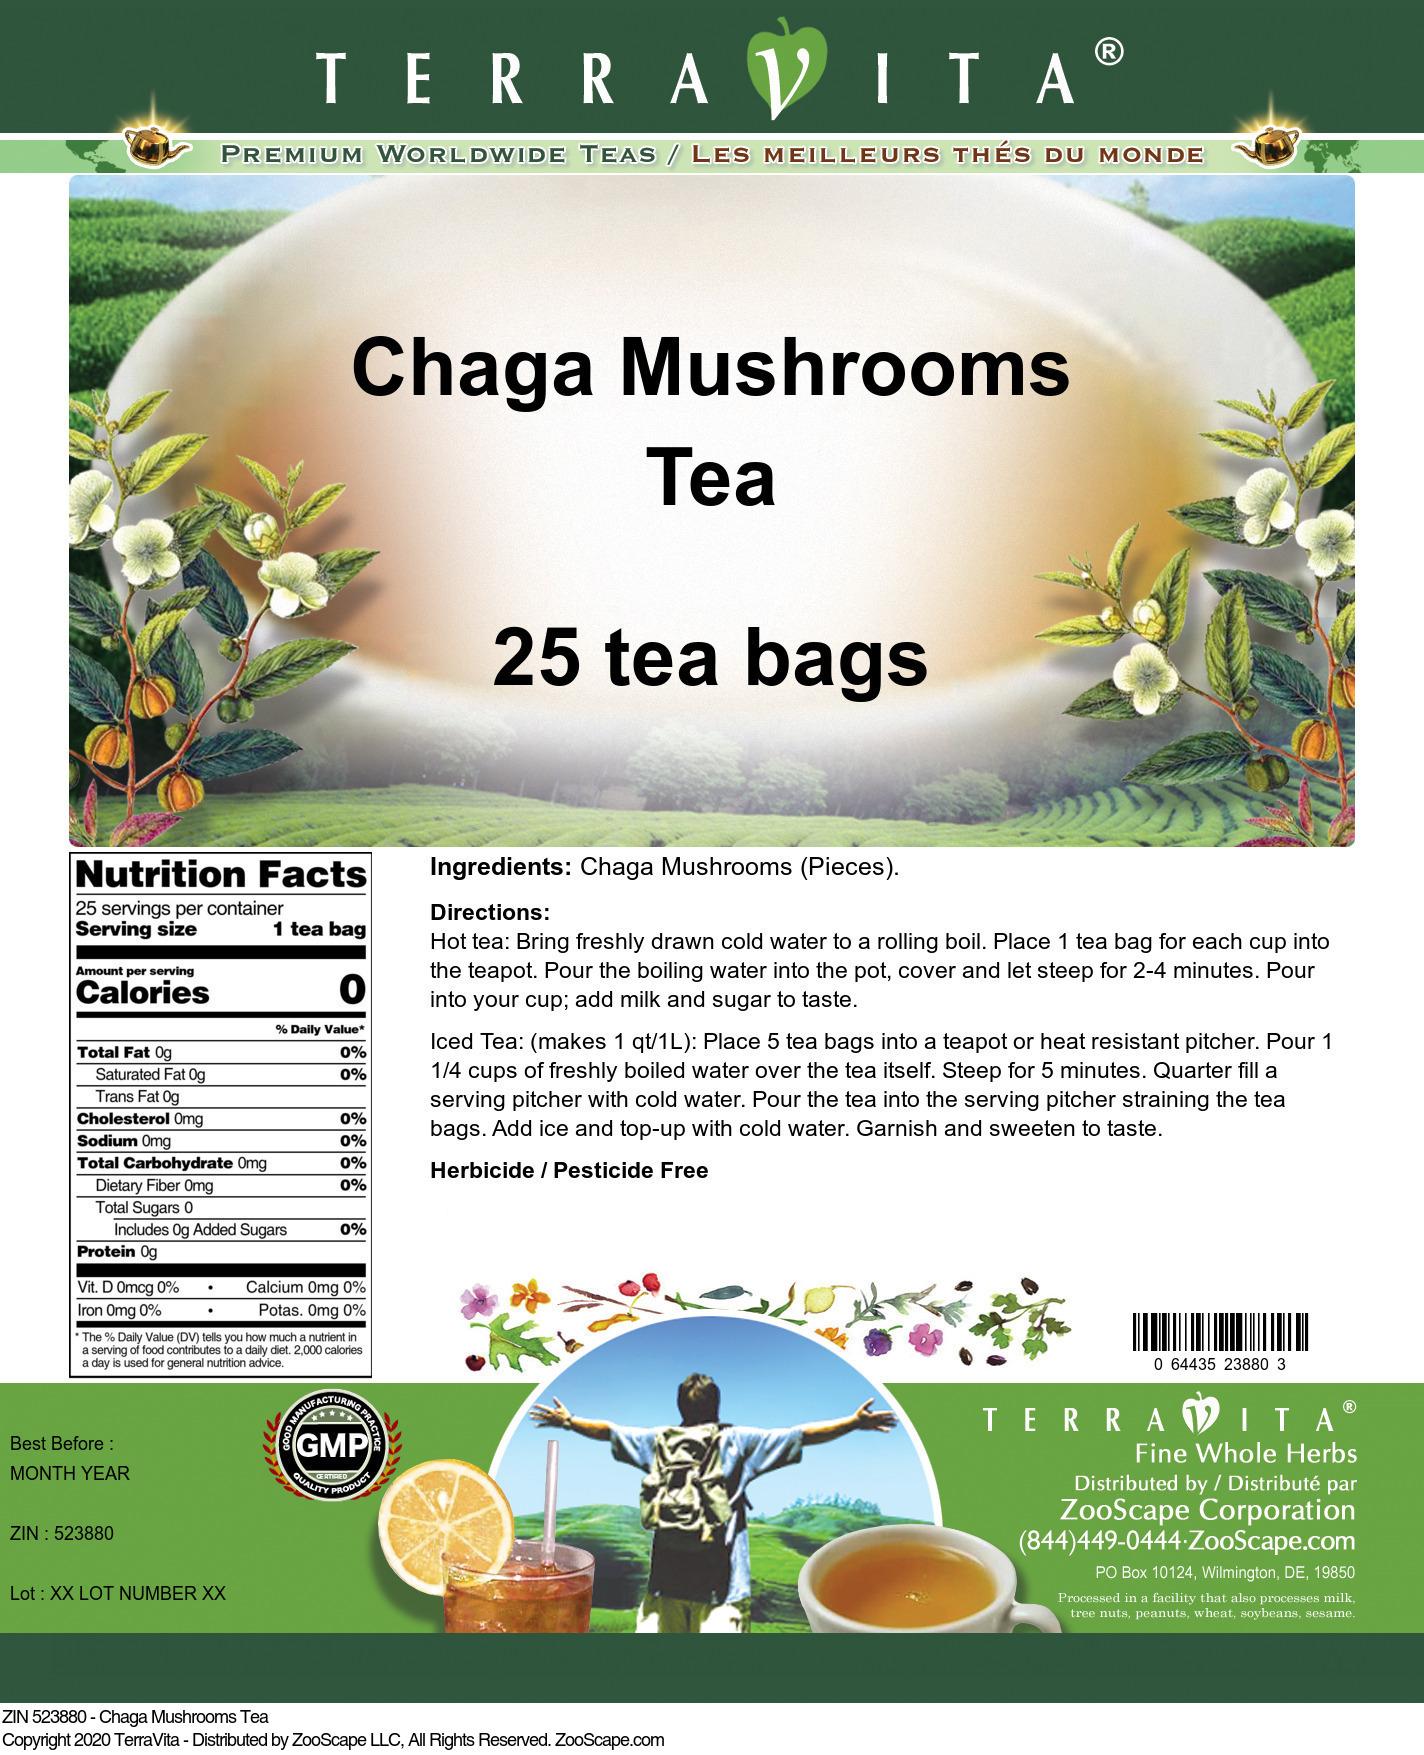 Chaga Mushrooms Tea